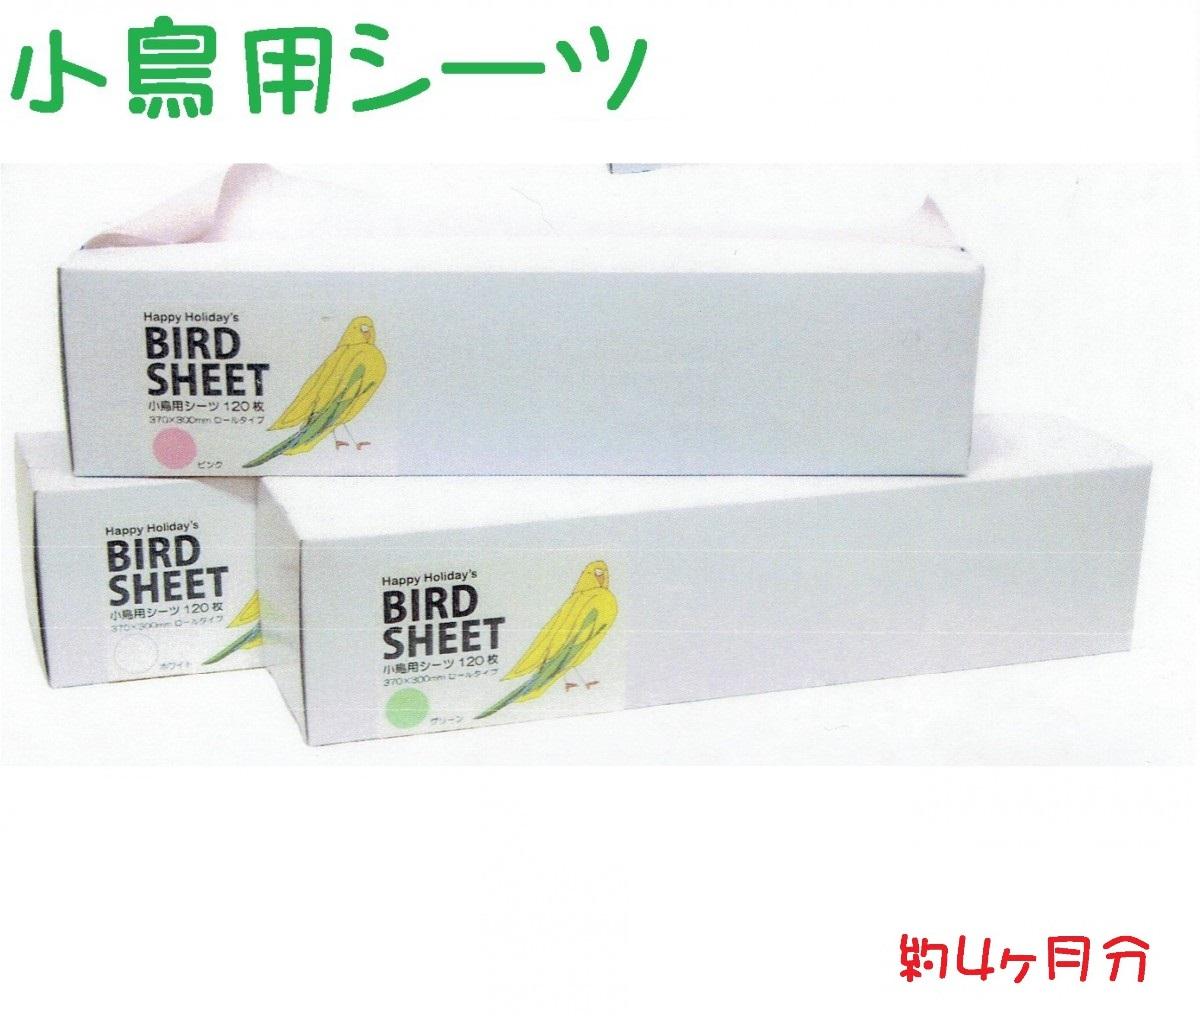 送料無料 小鳥用鳥かごシーツ 期間限定の激安セール 在庫一掃売り切りセール ホワイト